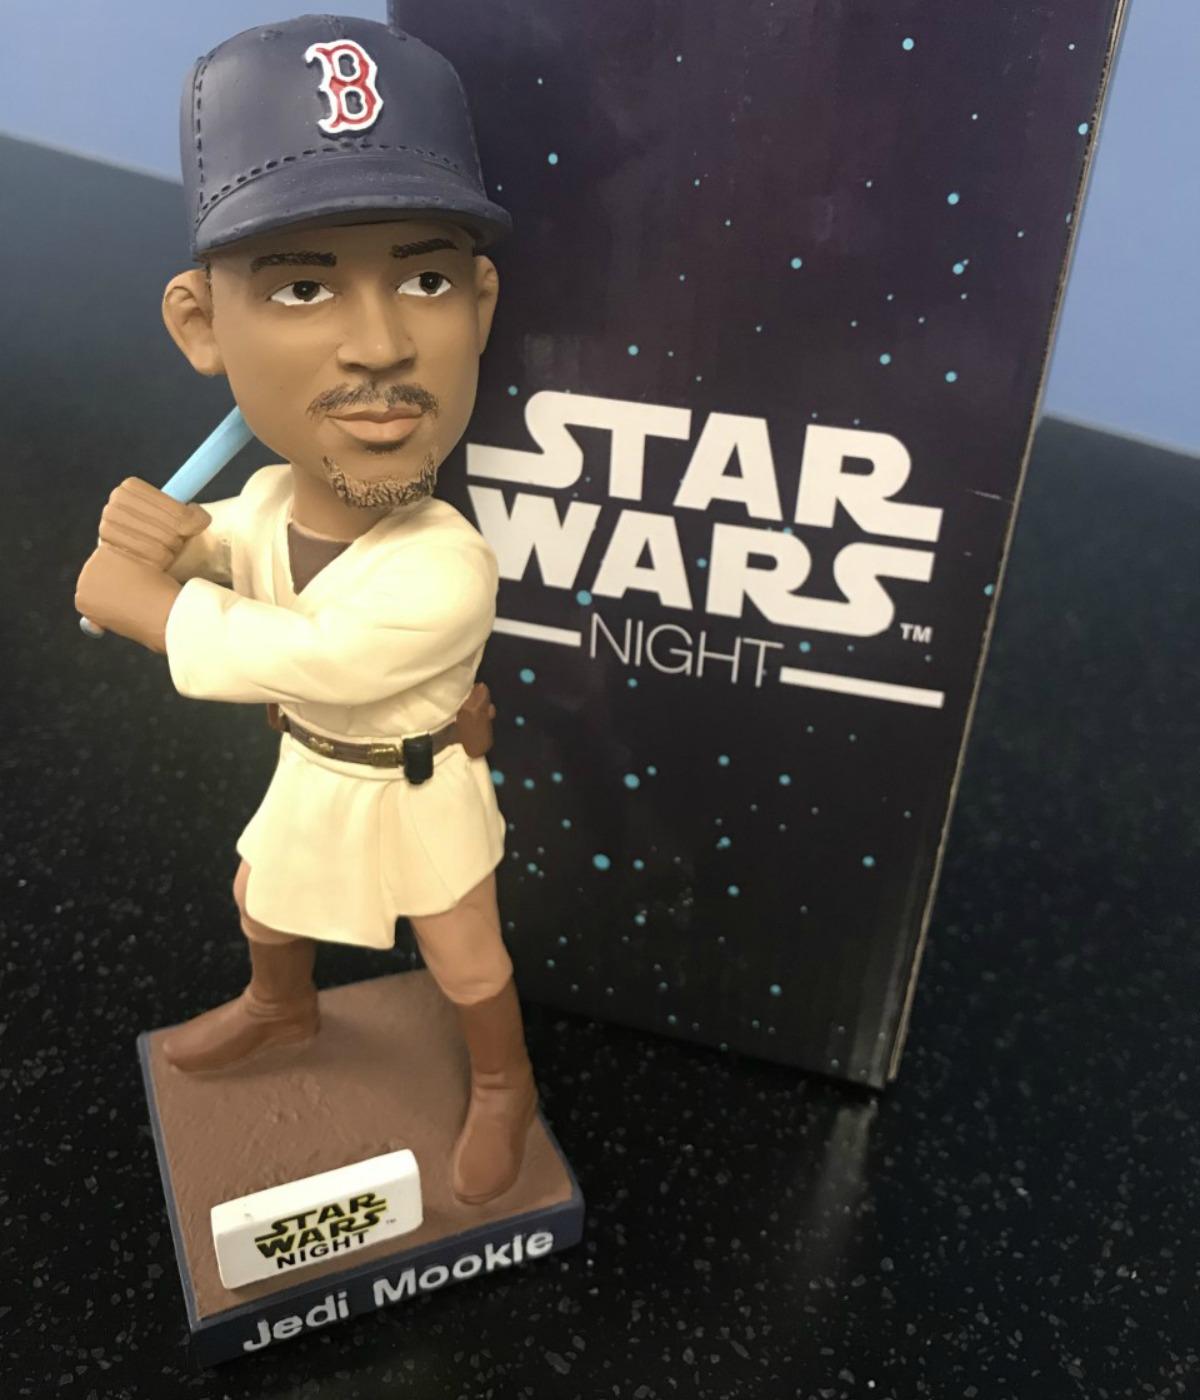 Red Sox Star Wars Night Jedi Mookie